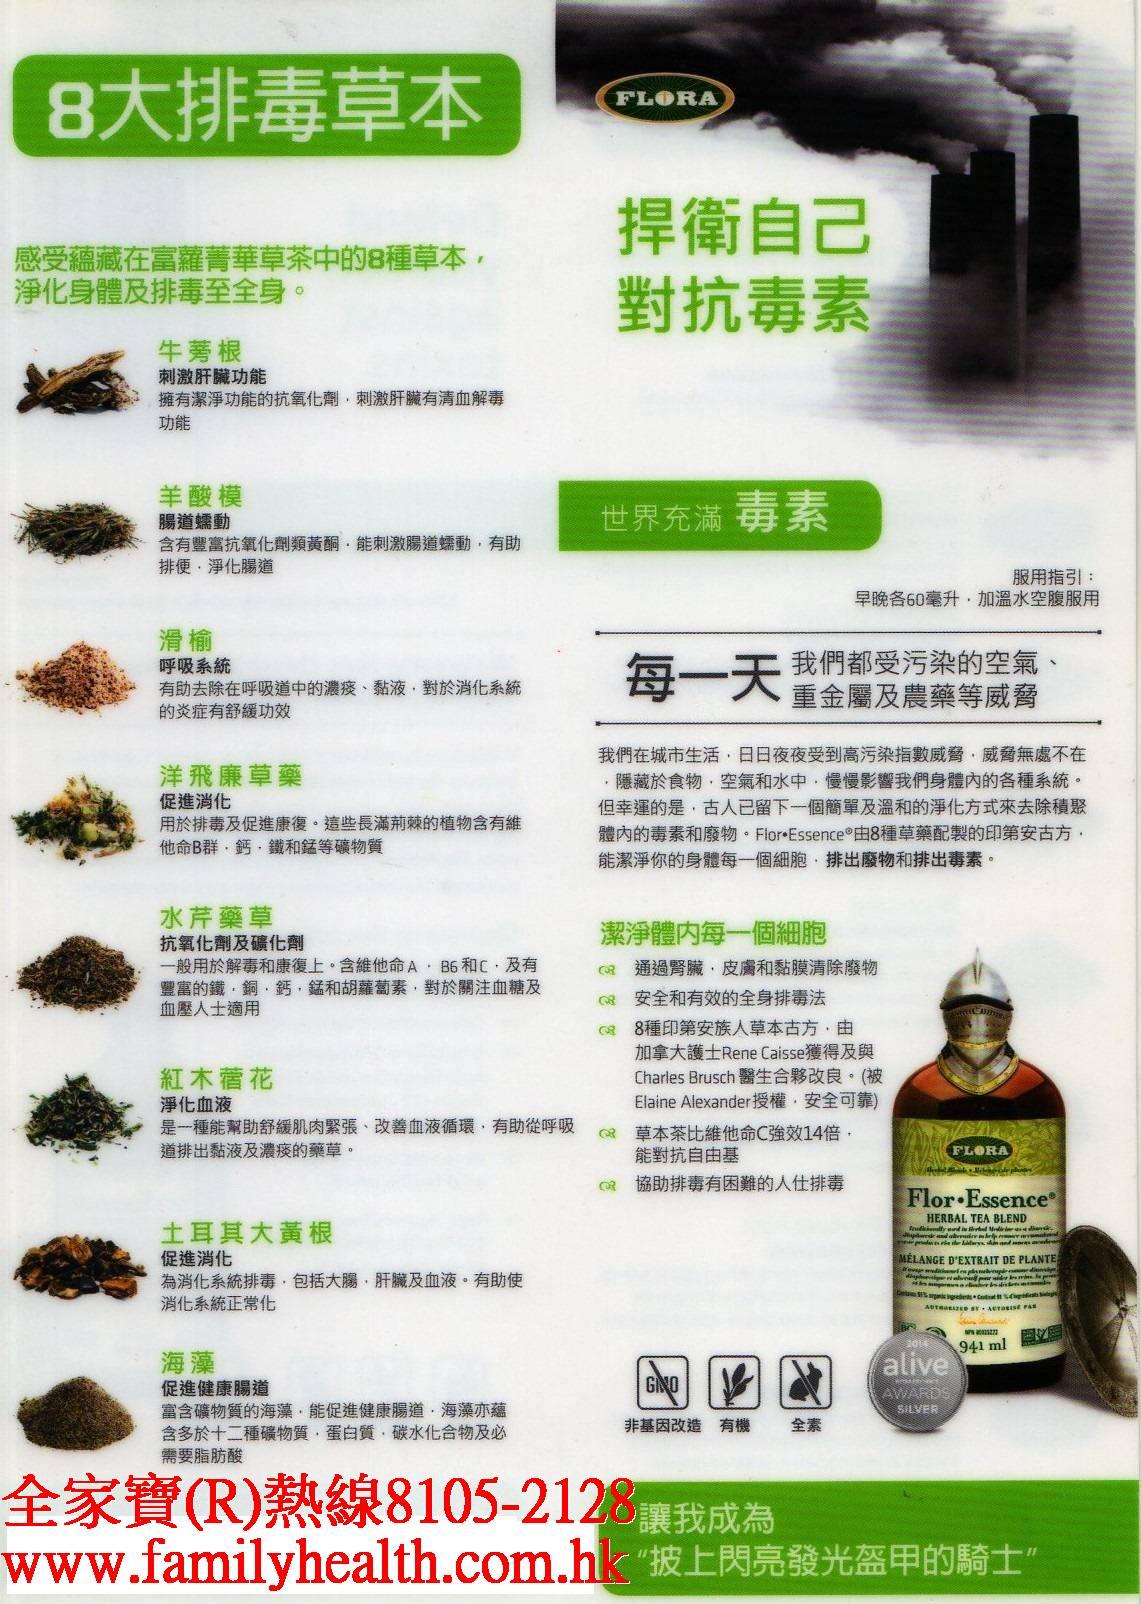 http://www.familyhealth.com.hk/files/full/1168_2.jpg